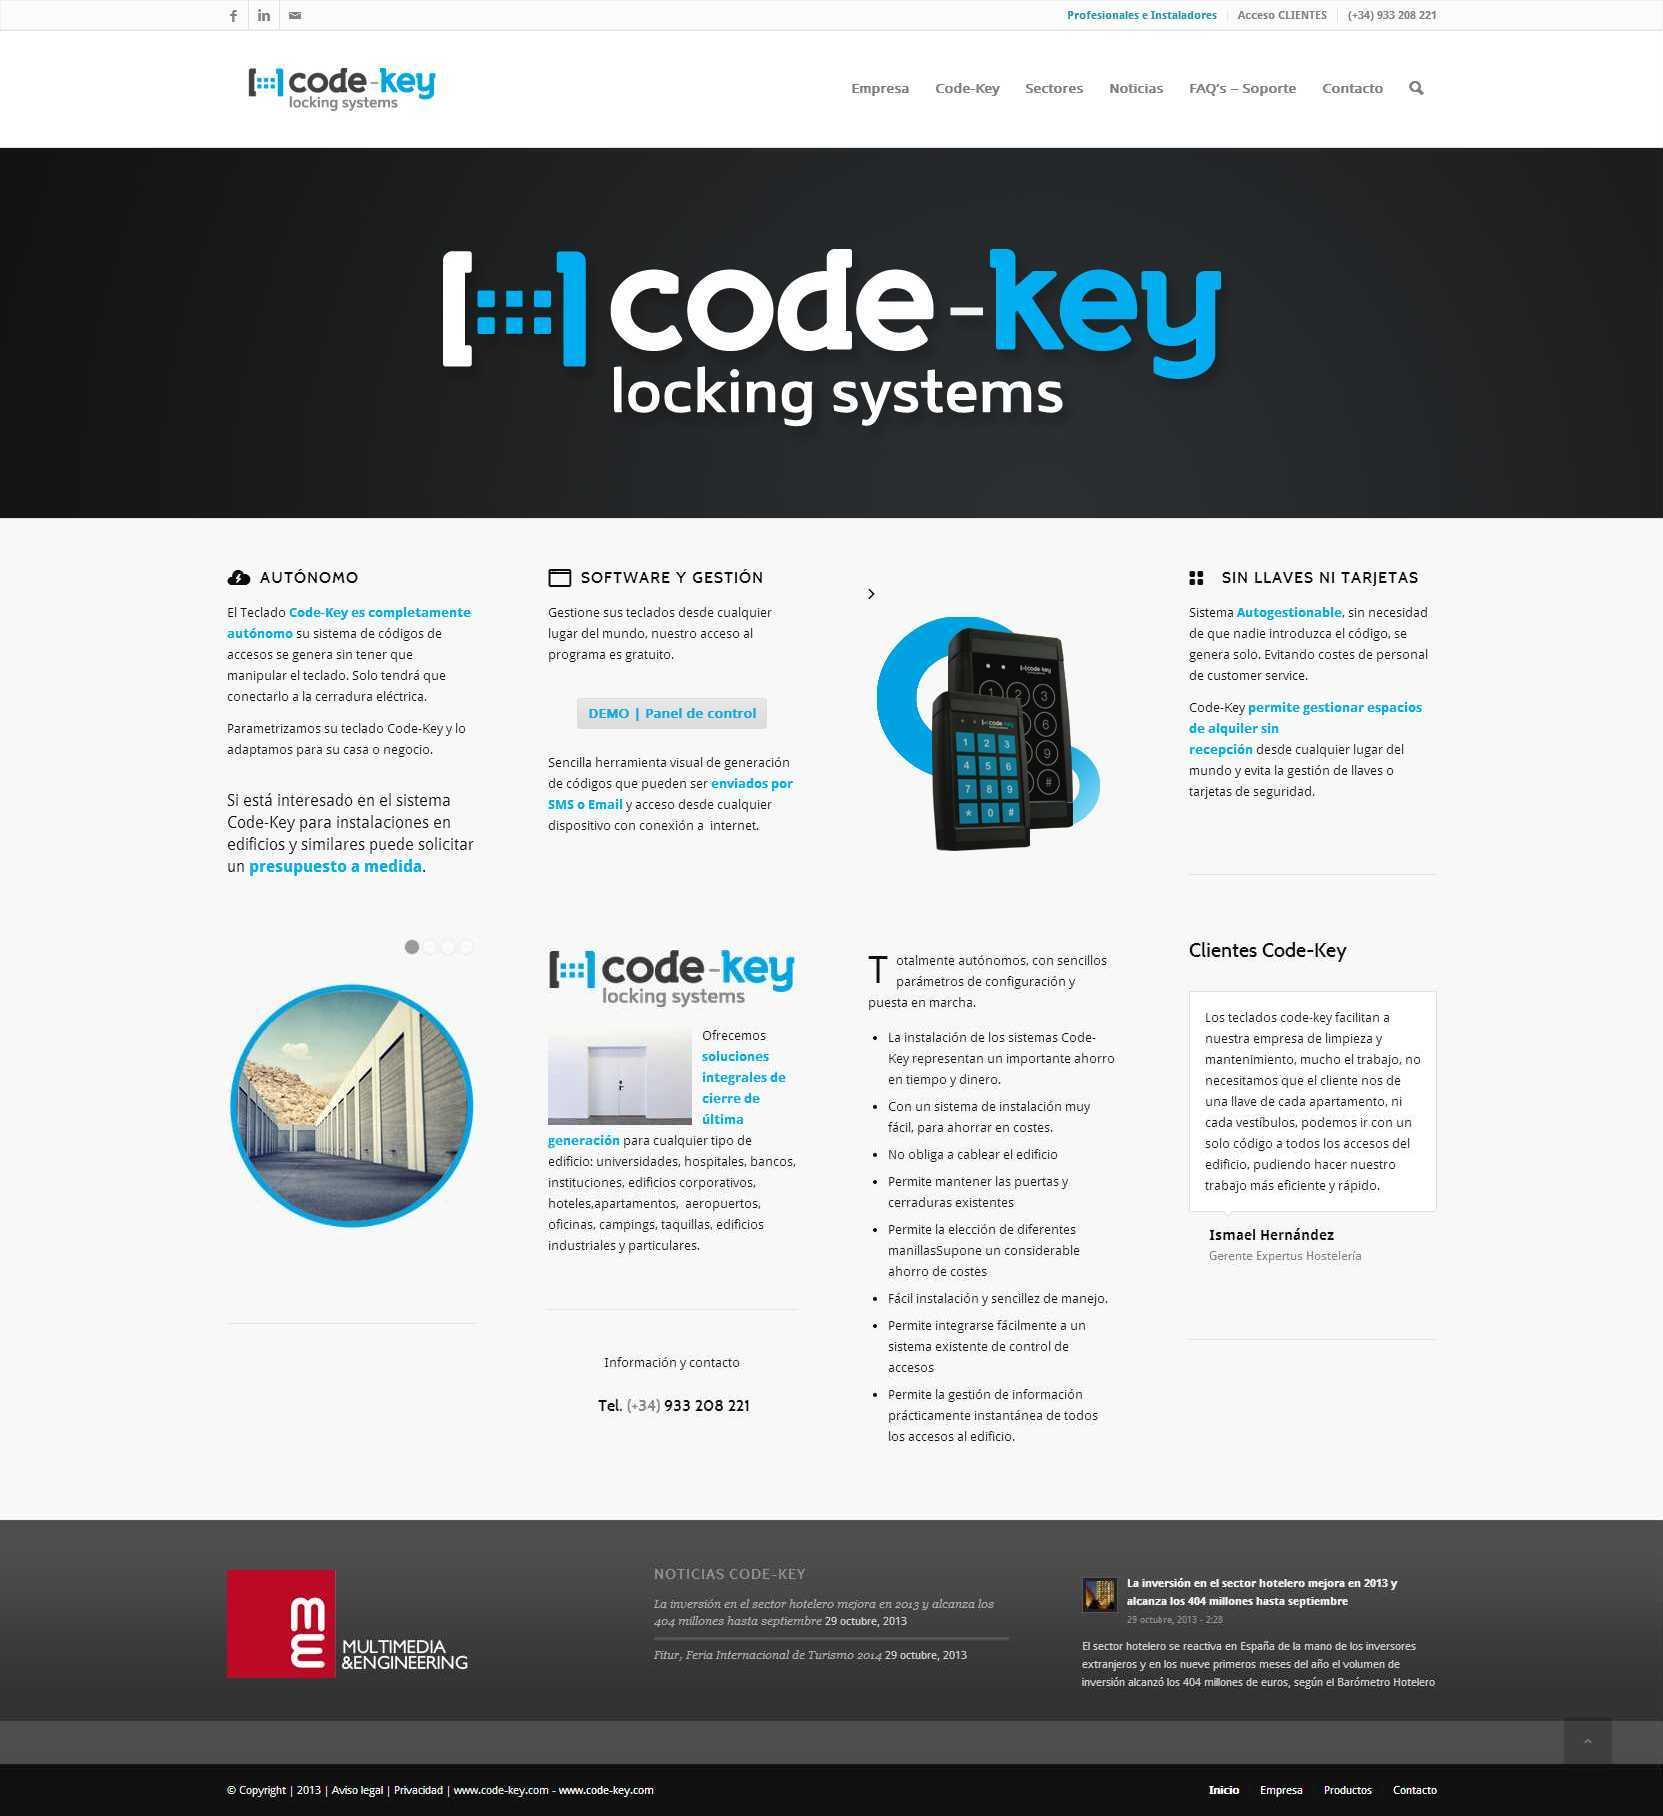 Code-Key - Locking Systems - Control de accesos autónomo por teclado2